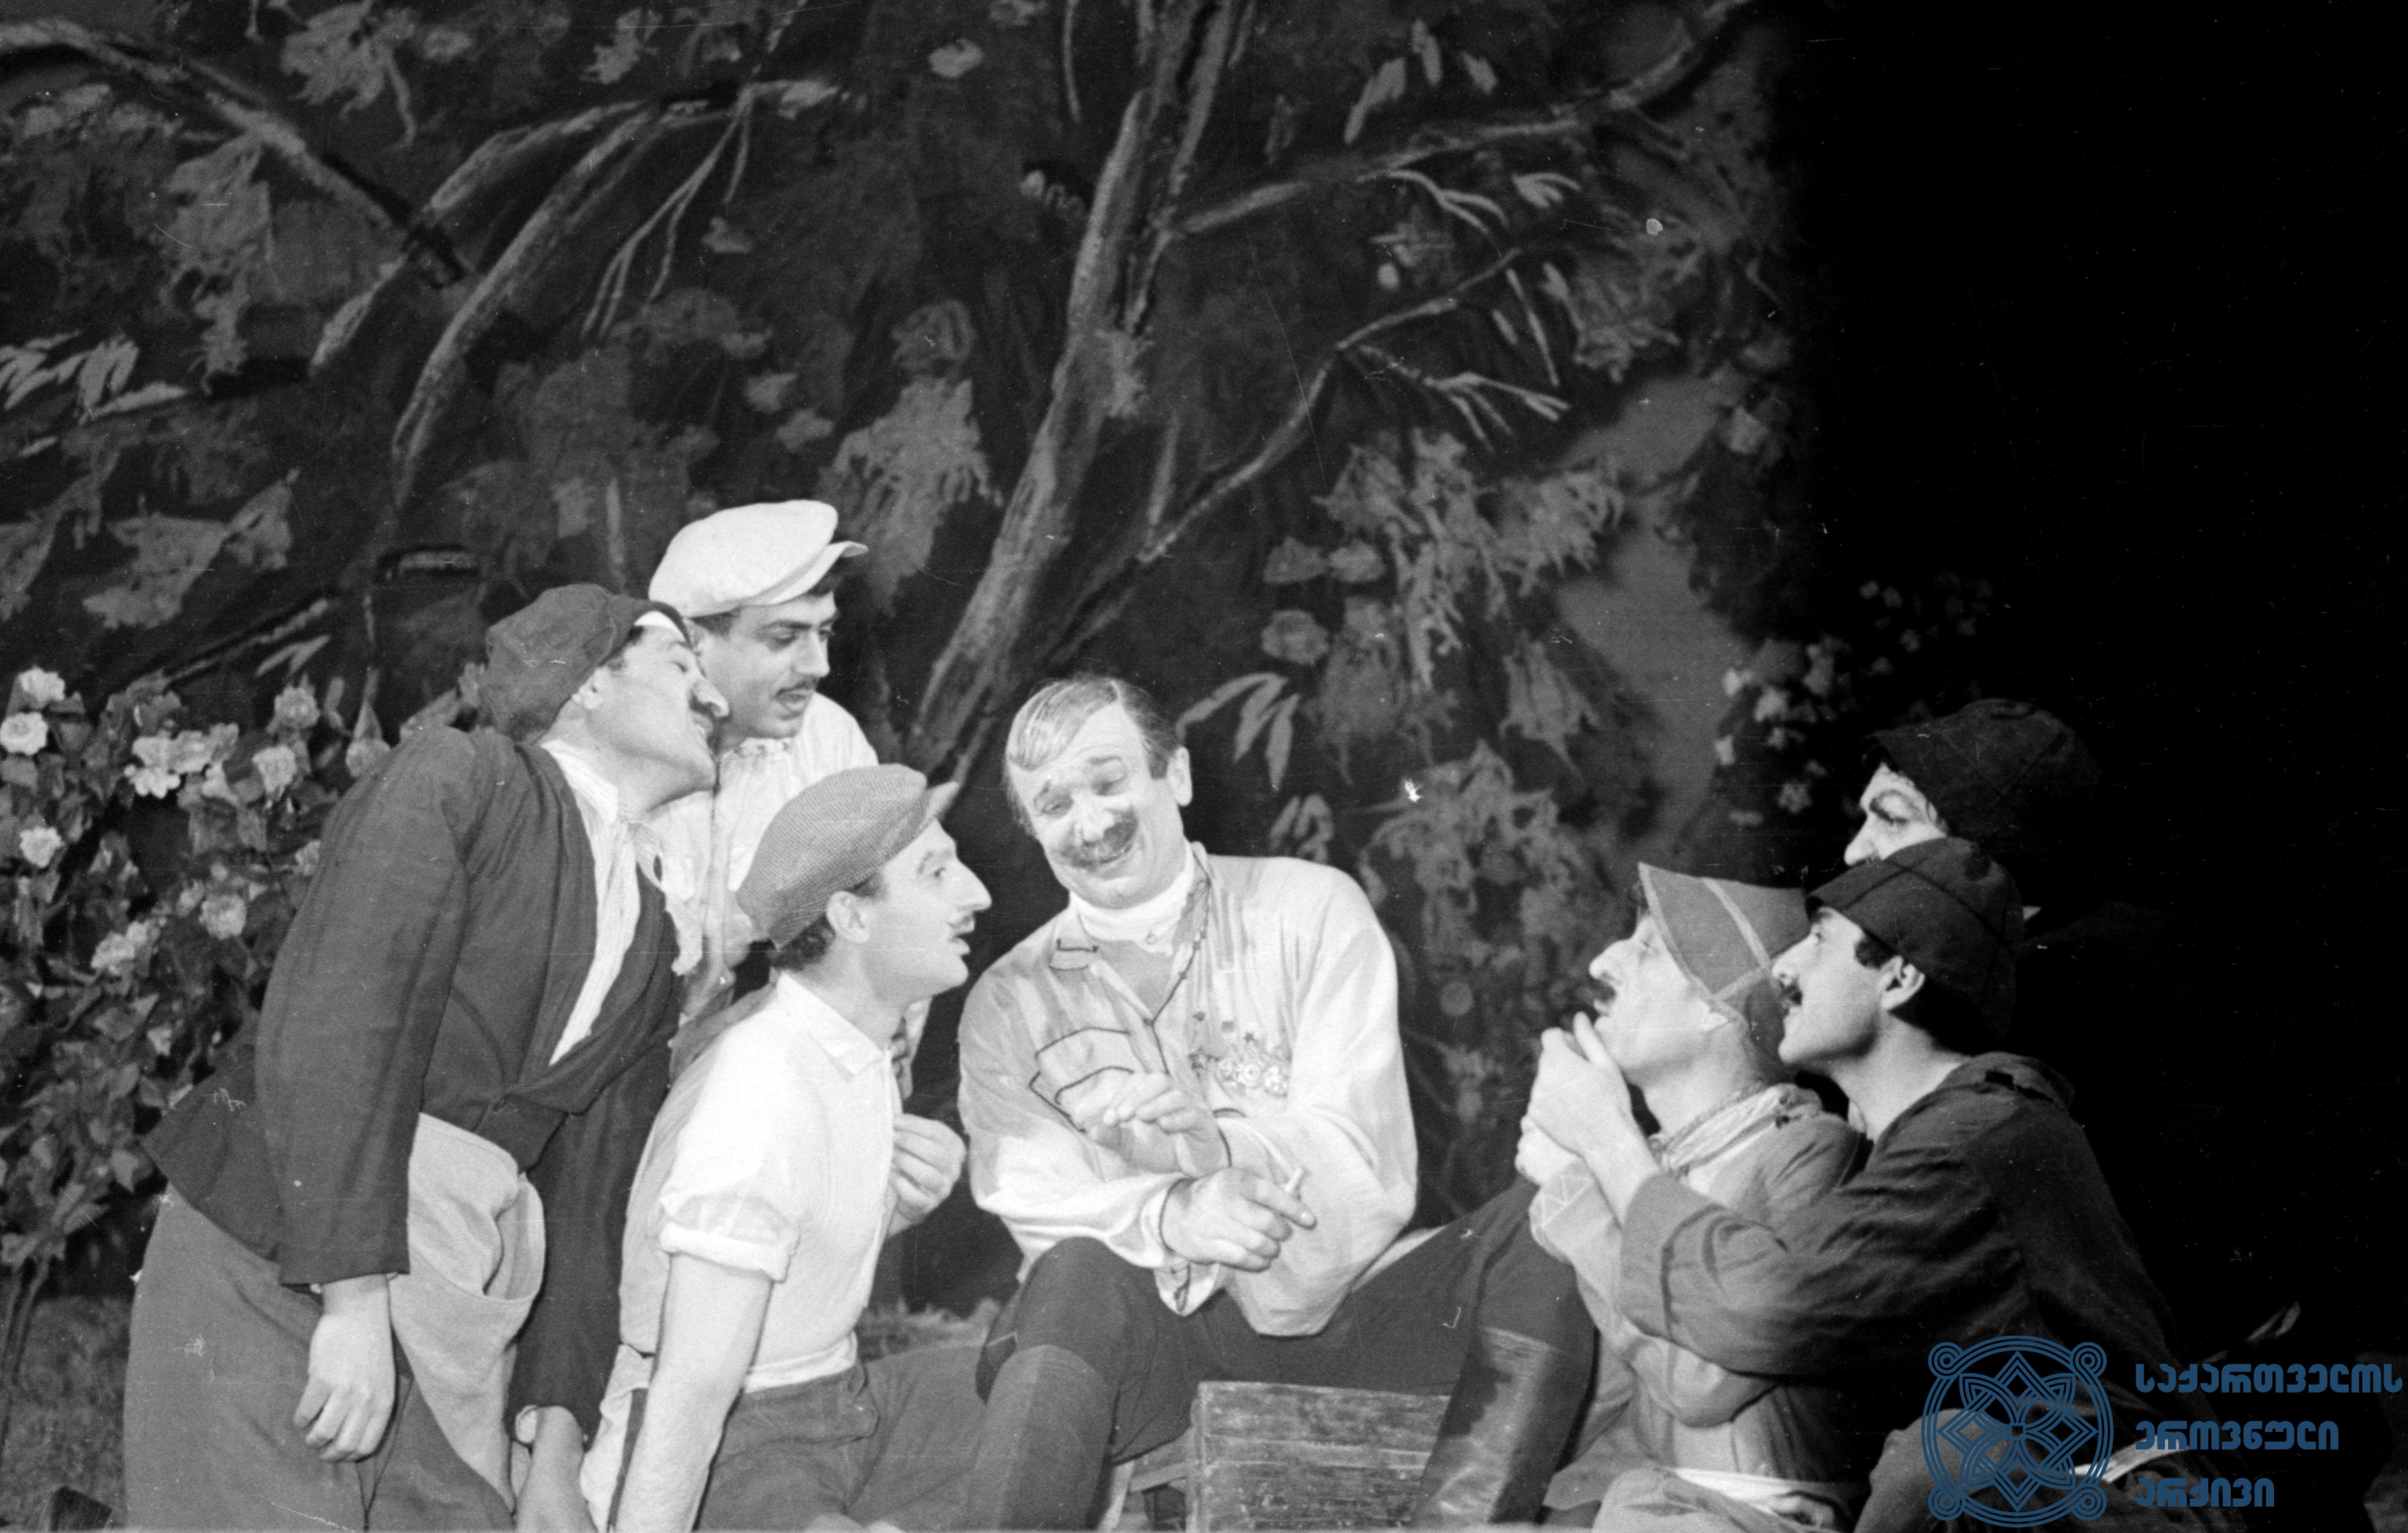 """მარჯანიშვილის სახელობის აკადემიური თეატრის სპექტაკლი """"კოლმეურნის ქორწინება"""". ბრიგადირები – თ. მაისურაძე, კ. მჟავანაძე, კ.თოლორაია, გ. დემეტრაშვილი, ბარამიძე; ხარიტონი (ცენტრში) – გიორგი შავგულიძე. <br> შალვა ღამბაშიძის დადგმა. 1959 წელი.<br> The Marjanishvili Academic Theater performance """"Marriage of Kolmeurne"""". Brigade leaders - T. Maisuradze, K. Mzhavanadze, K. Mzhavanadze, K. Toloraia, G. Demetrashvili, Baramidze; Giorgi Shavgulidze (in the center) as Khariton.<br> Shalva Gambashidze's staging. 1959."""